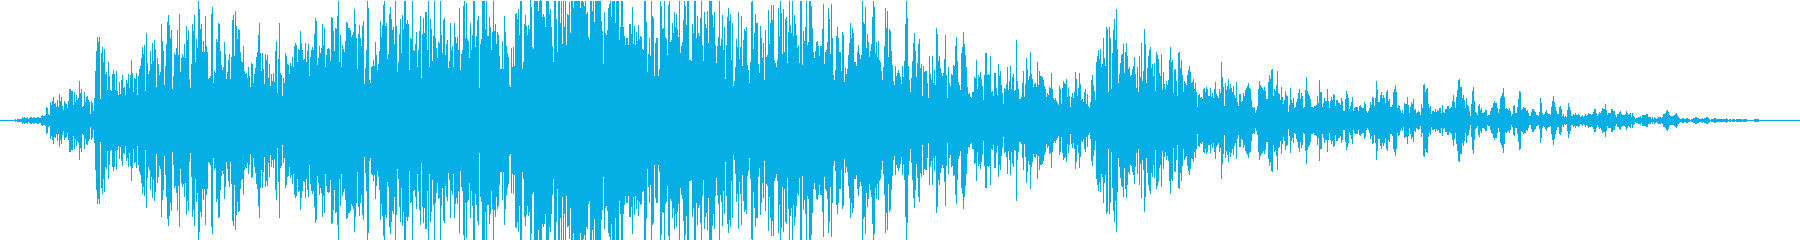 衝撃 噴火12の再生済みの波形